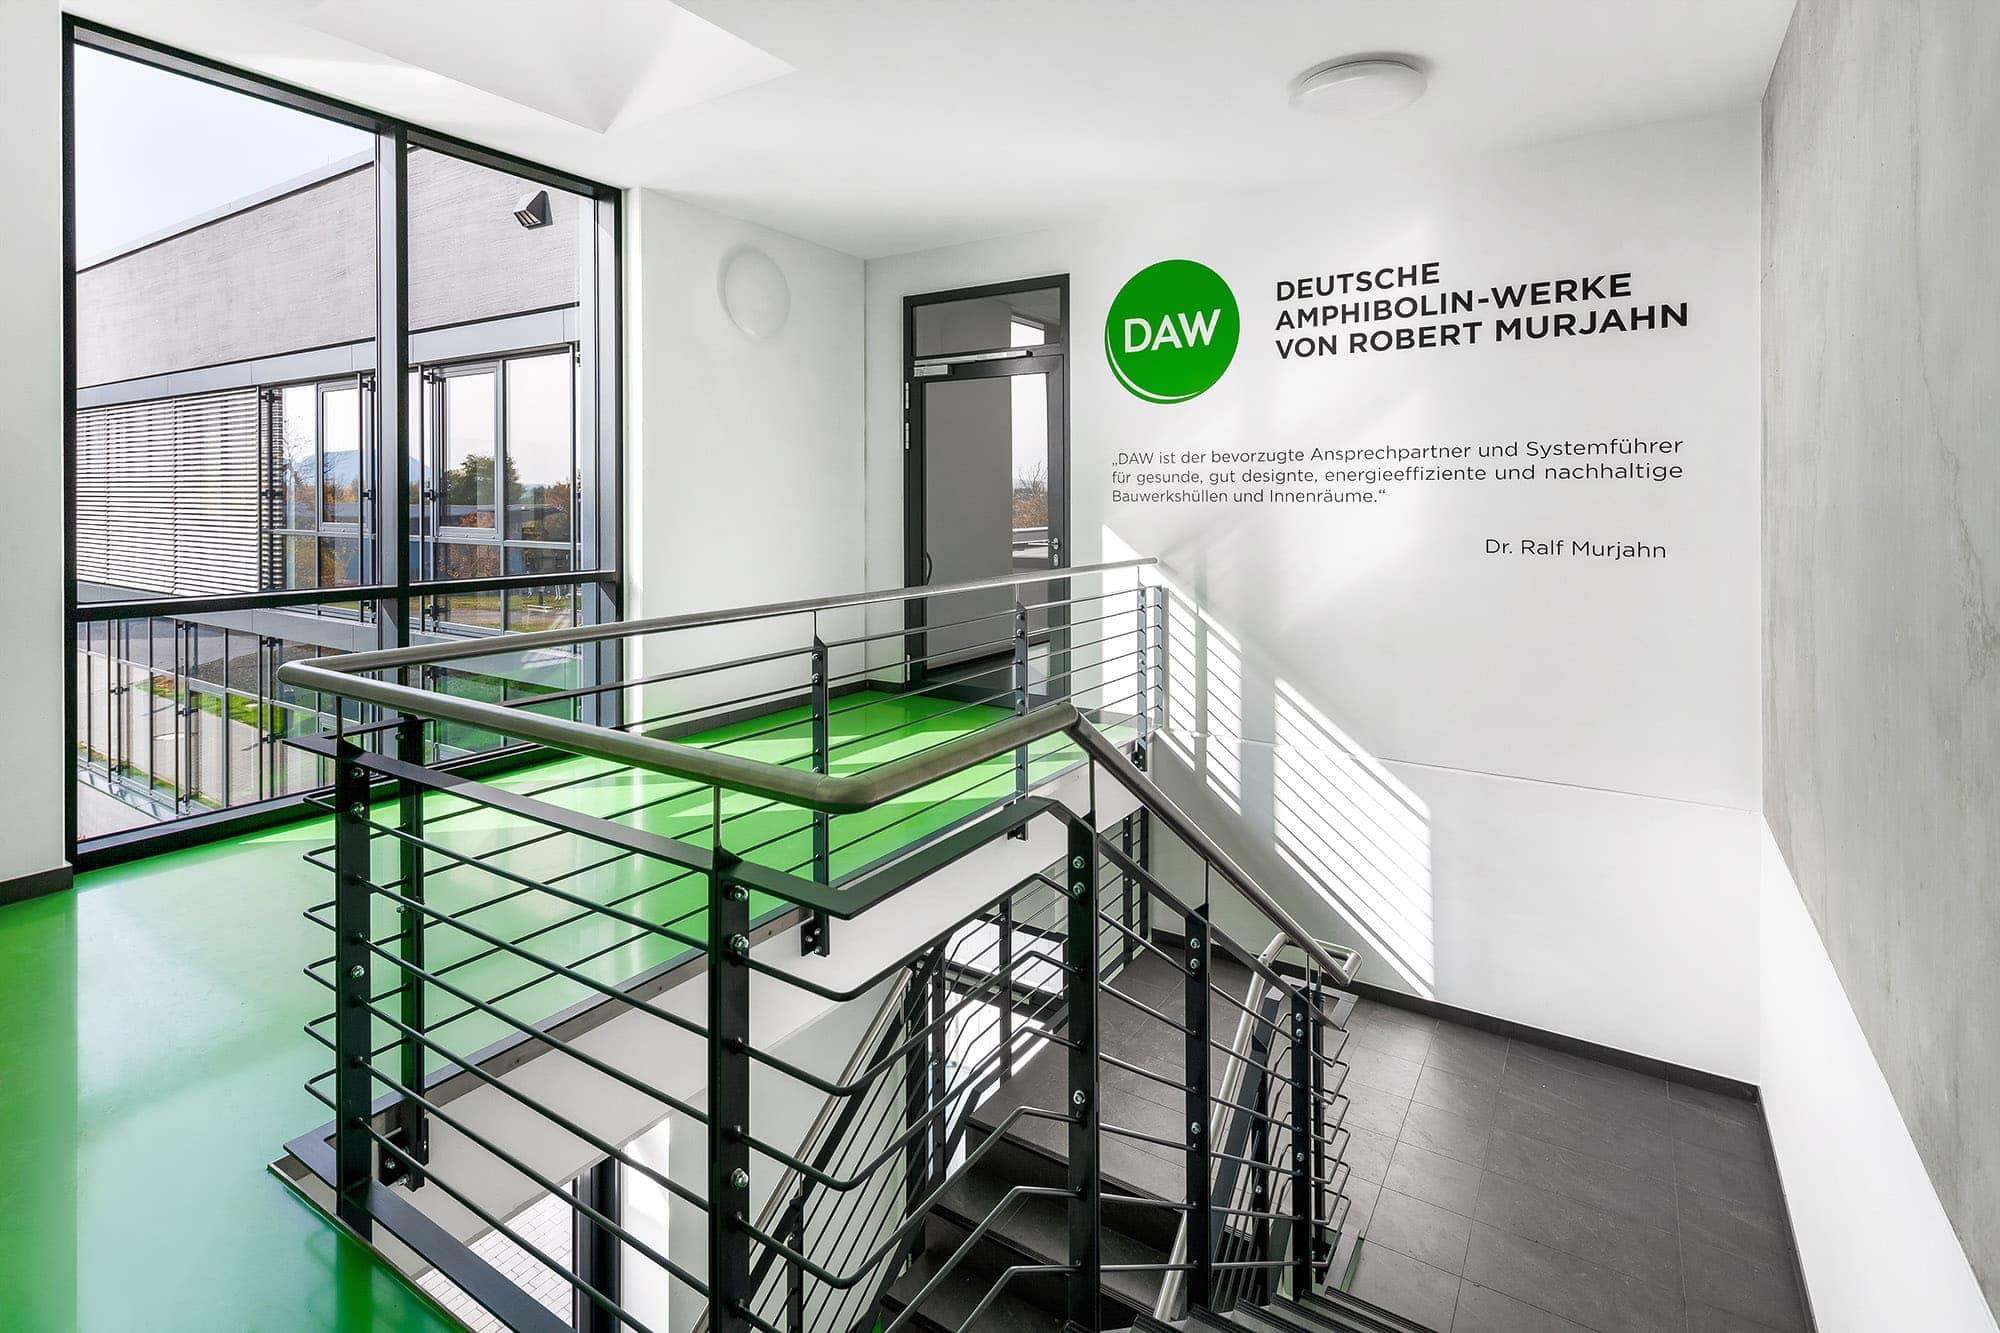 moderne architekturfotografie im mehrschichtverfahren. flur im neuen technikum der firma alsocco in thüringen.